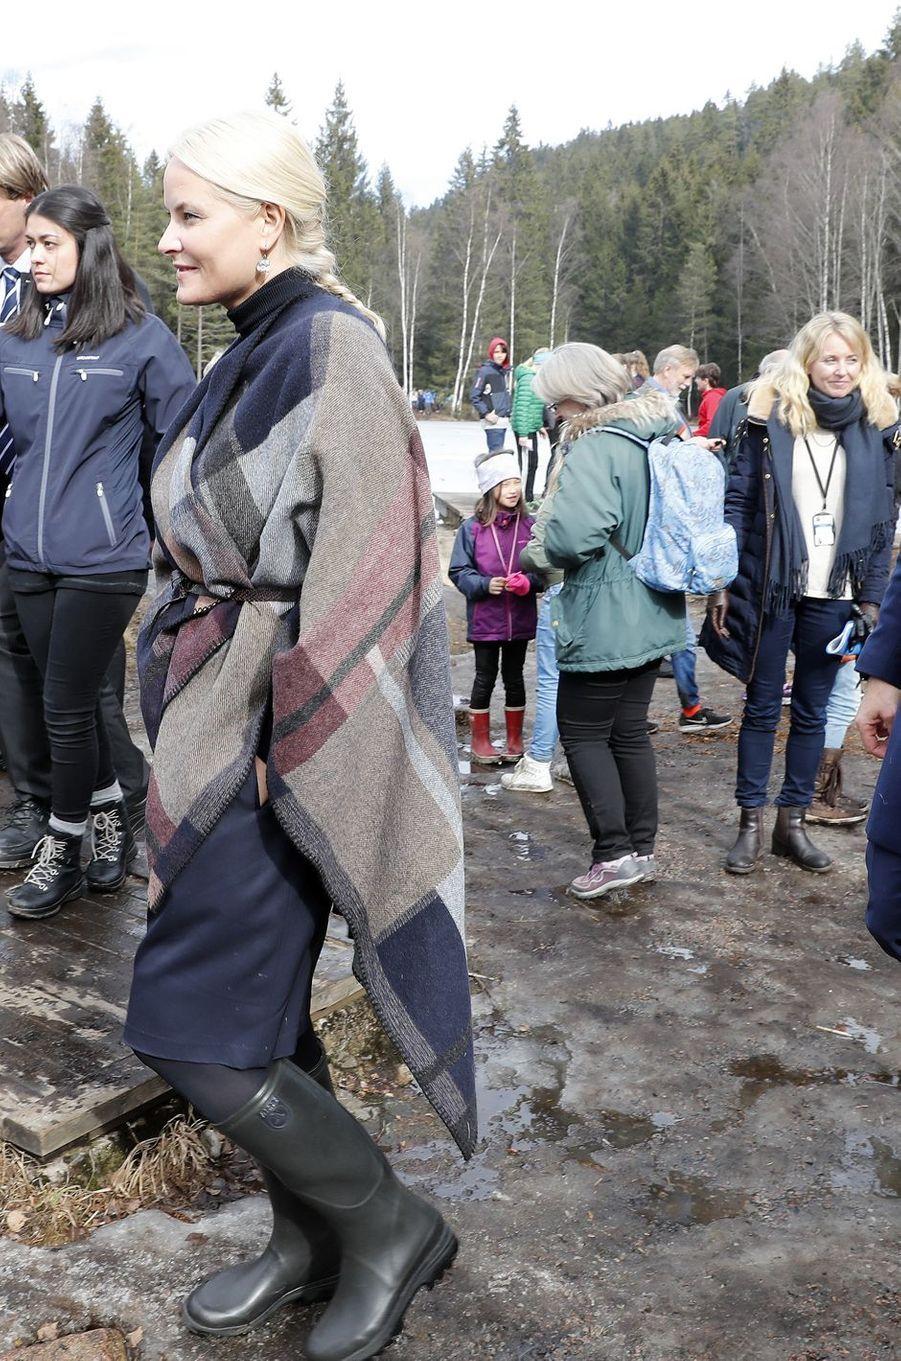 La princesse Mette-Marit de Norvège à Oslo, le 27 mars 2017